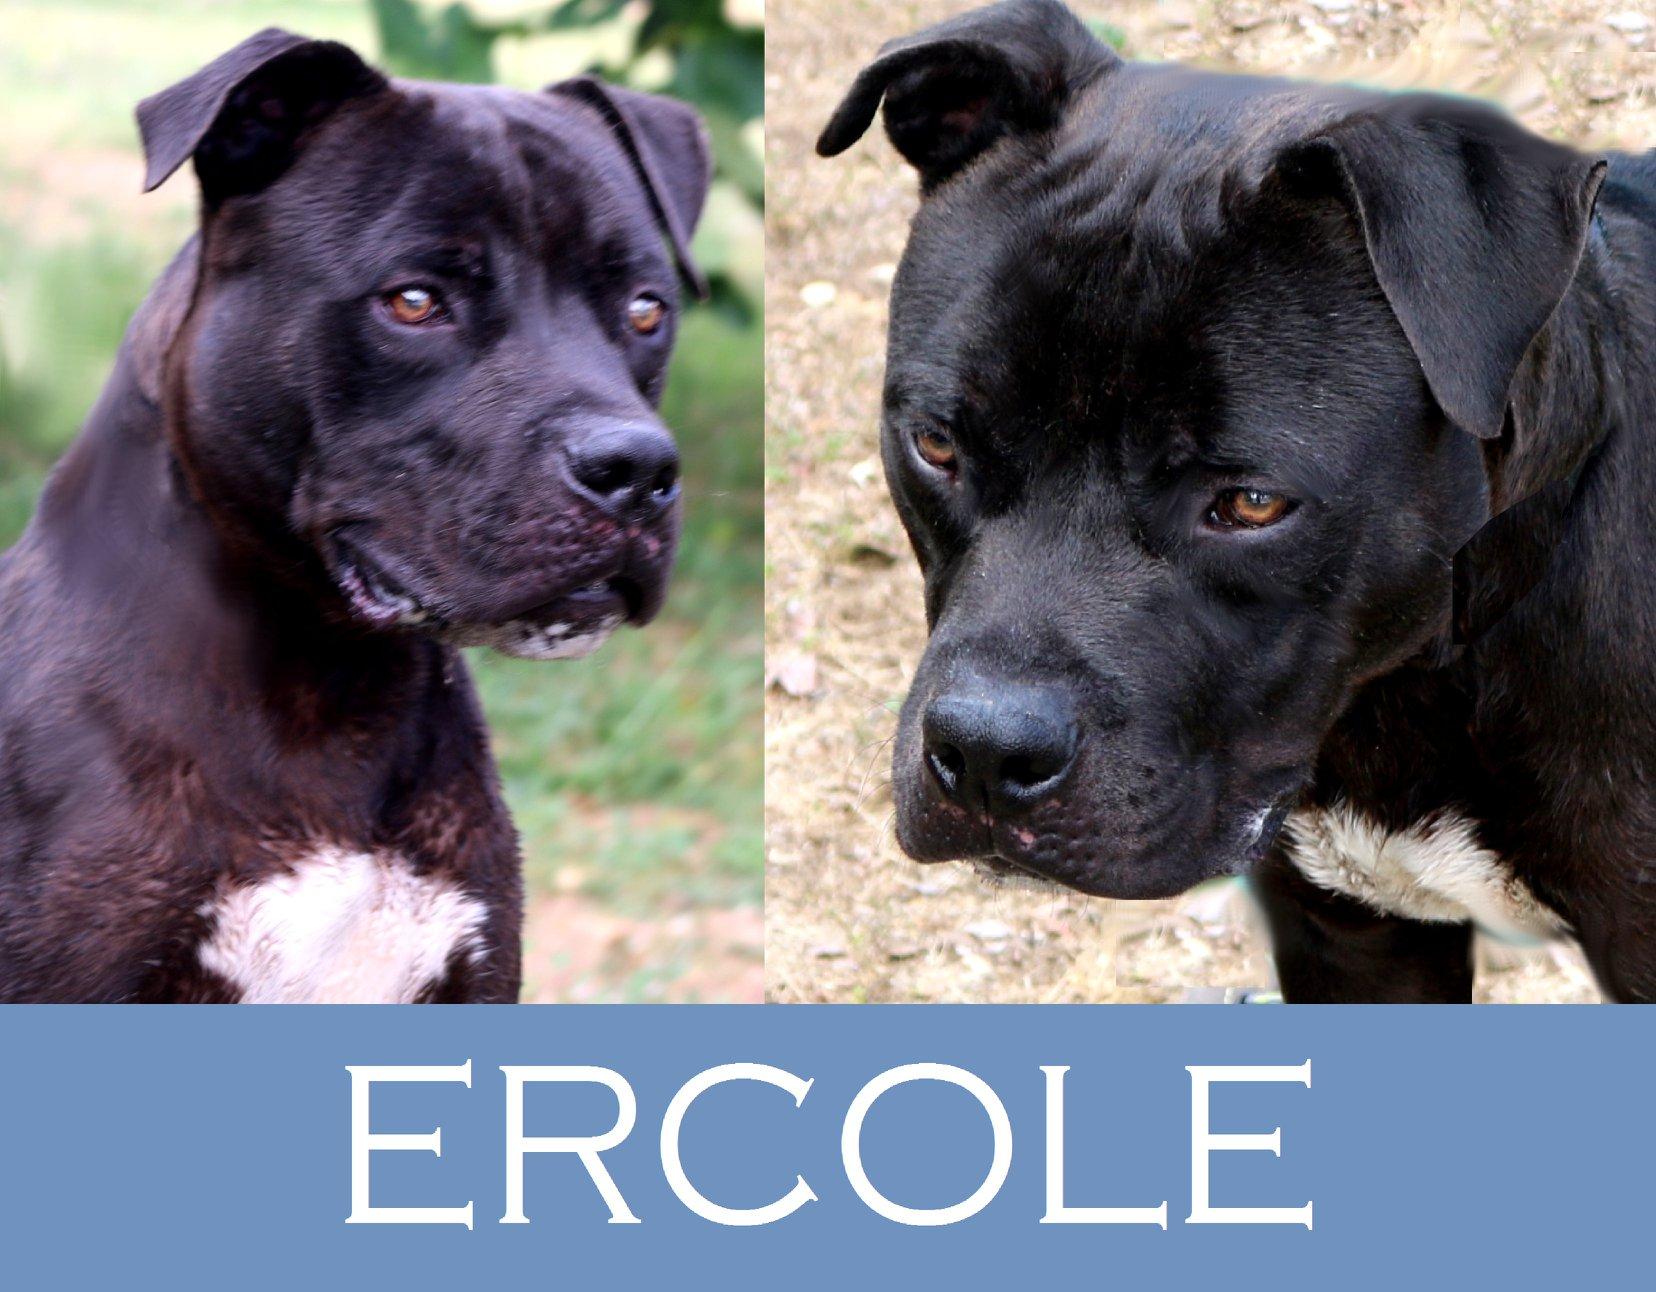 Ercole ha bisogno di aiuto…